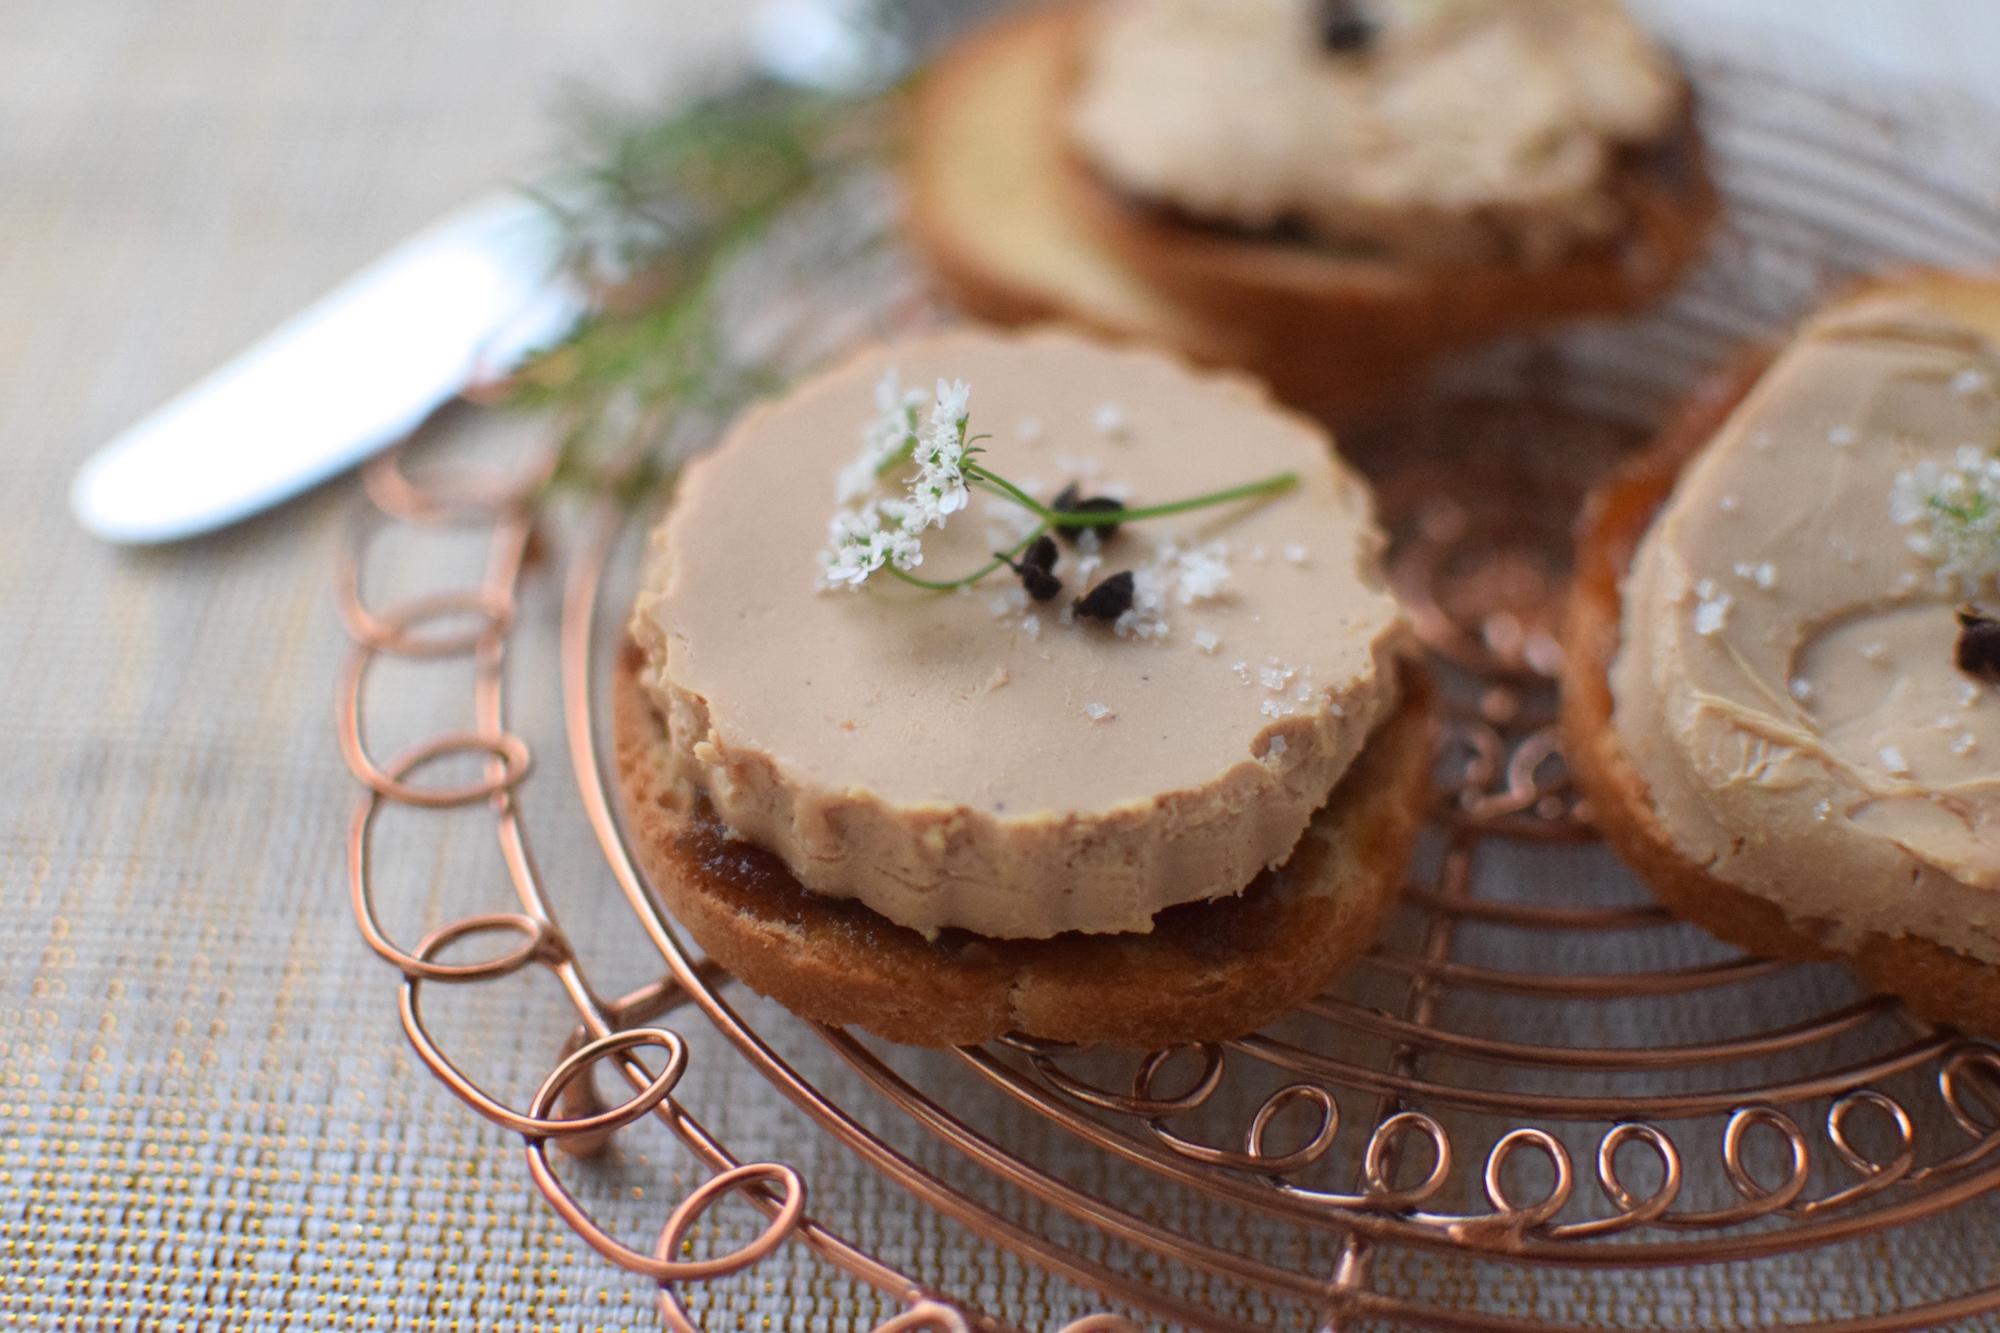 Le foie gras sur oignons | LovaLinda | Blog Cuisine Recettes Briouates Apéritif | Recettes de Fêtes